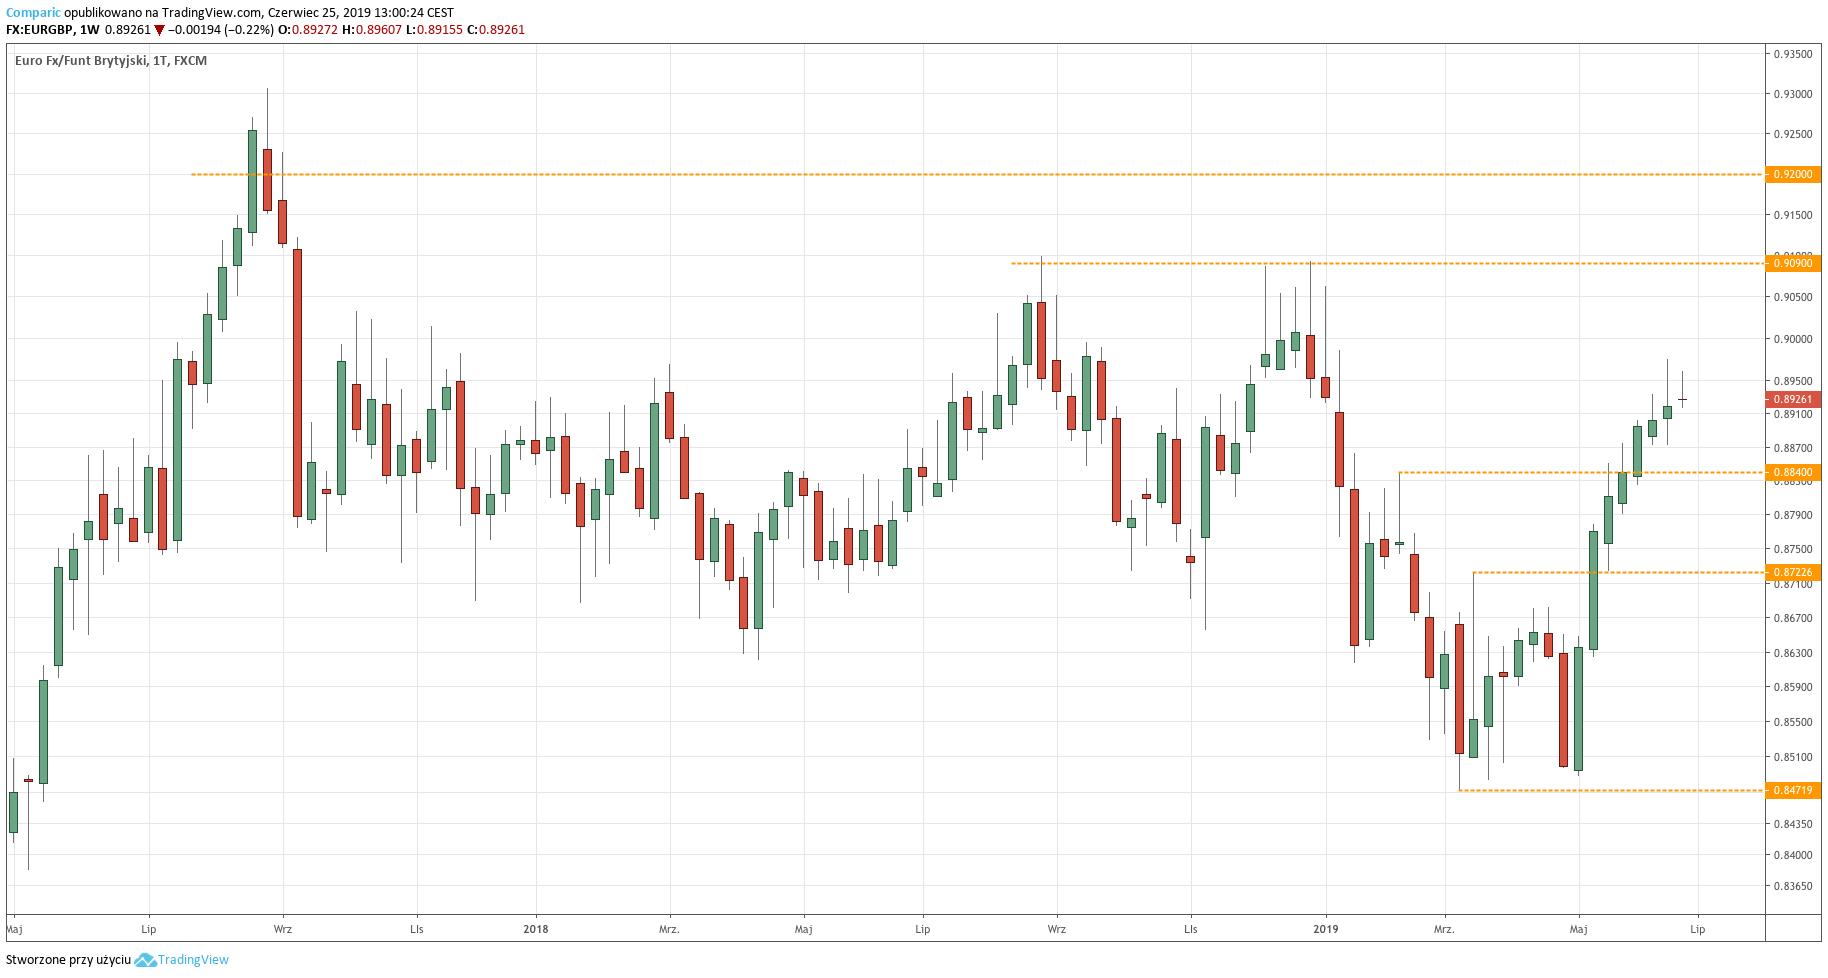 Kurs euro do funta (EUR/GBP) - wykres dzienny - 25 czerwca 2019